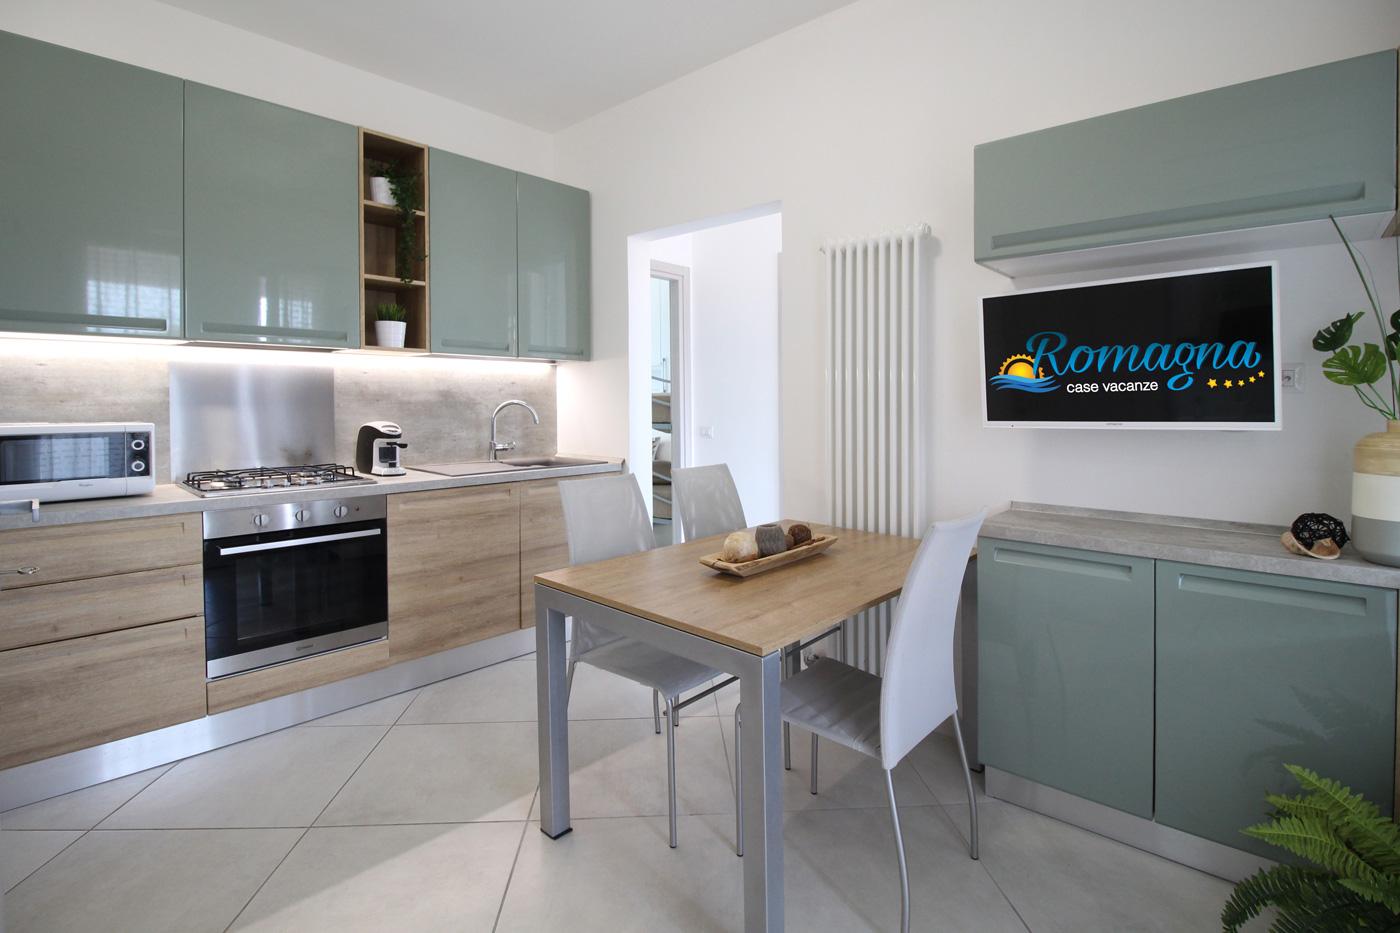 Appartamento Sofia_Romagna case vacanze_Gatteo mare_San mauro_9596_2